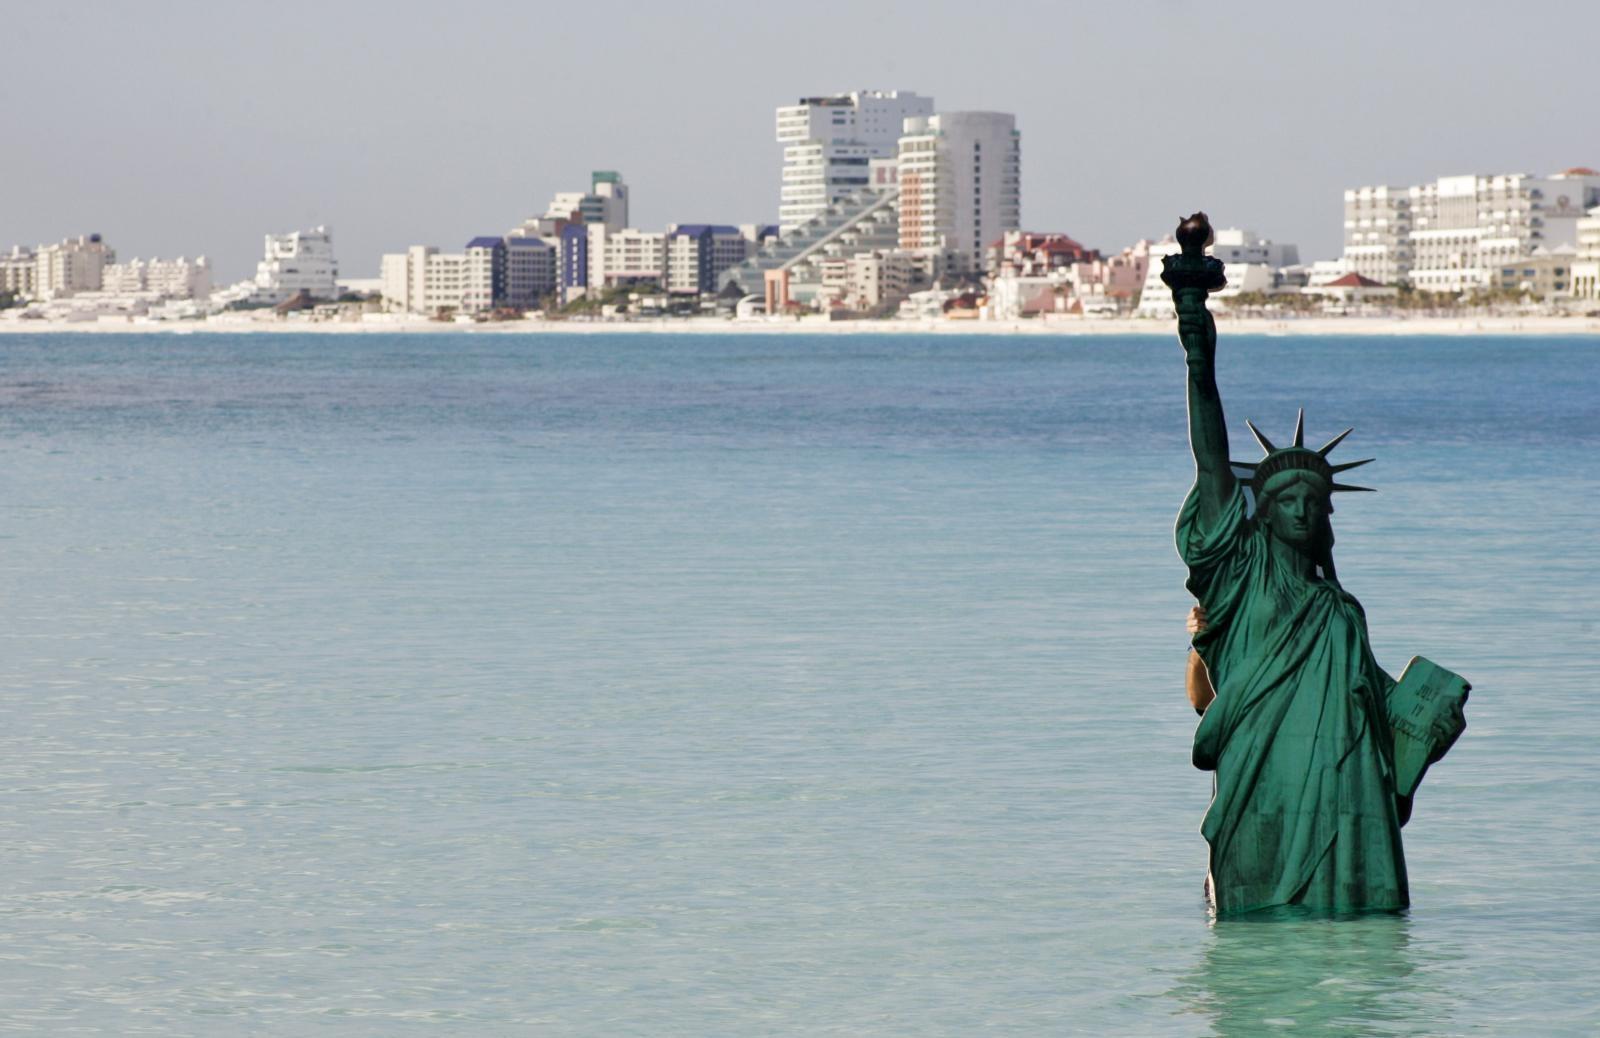 Simboličen prikaz, kaj čaka svetovne spomenike - Cancun, 2010 Vir:Pixsell